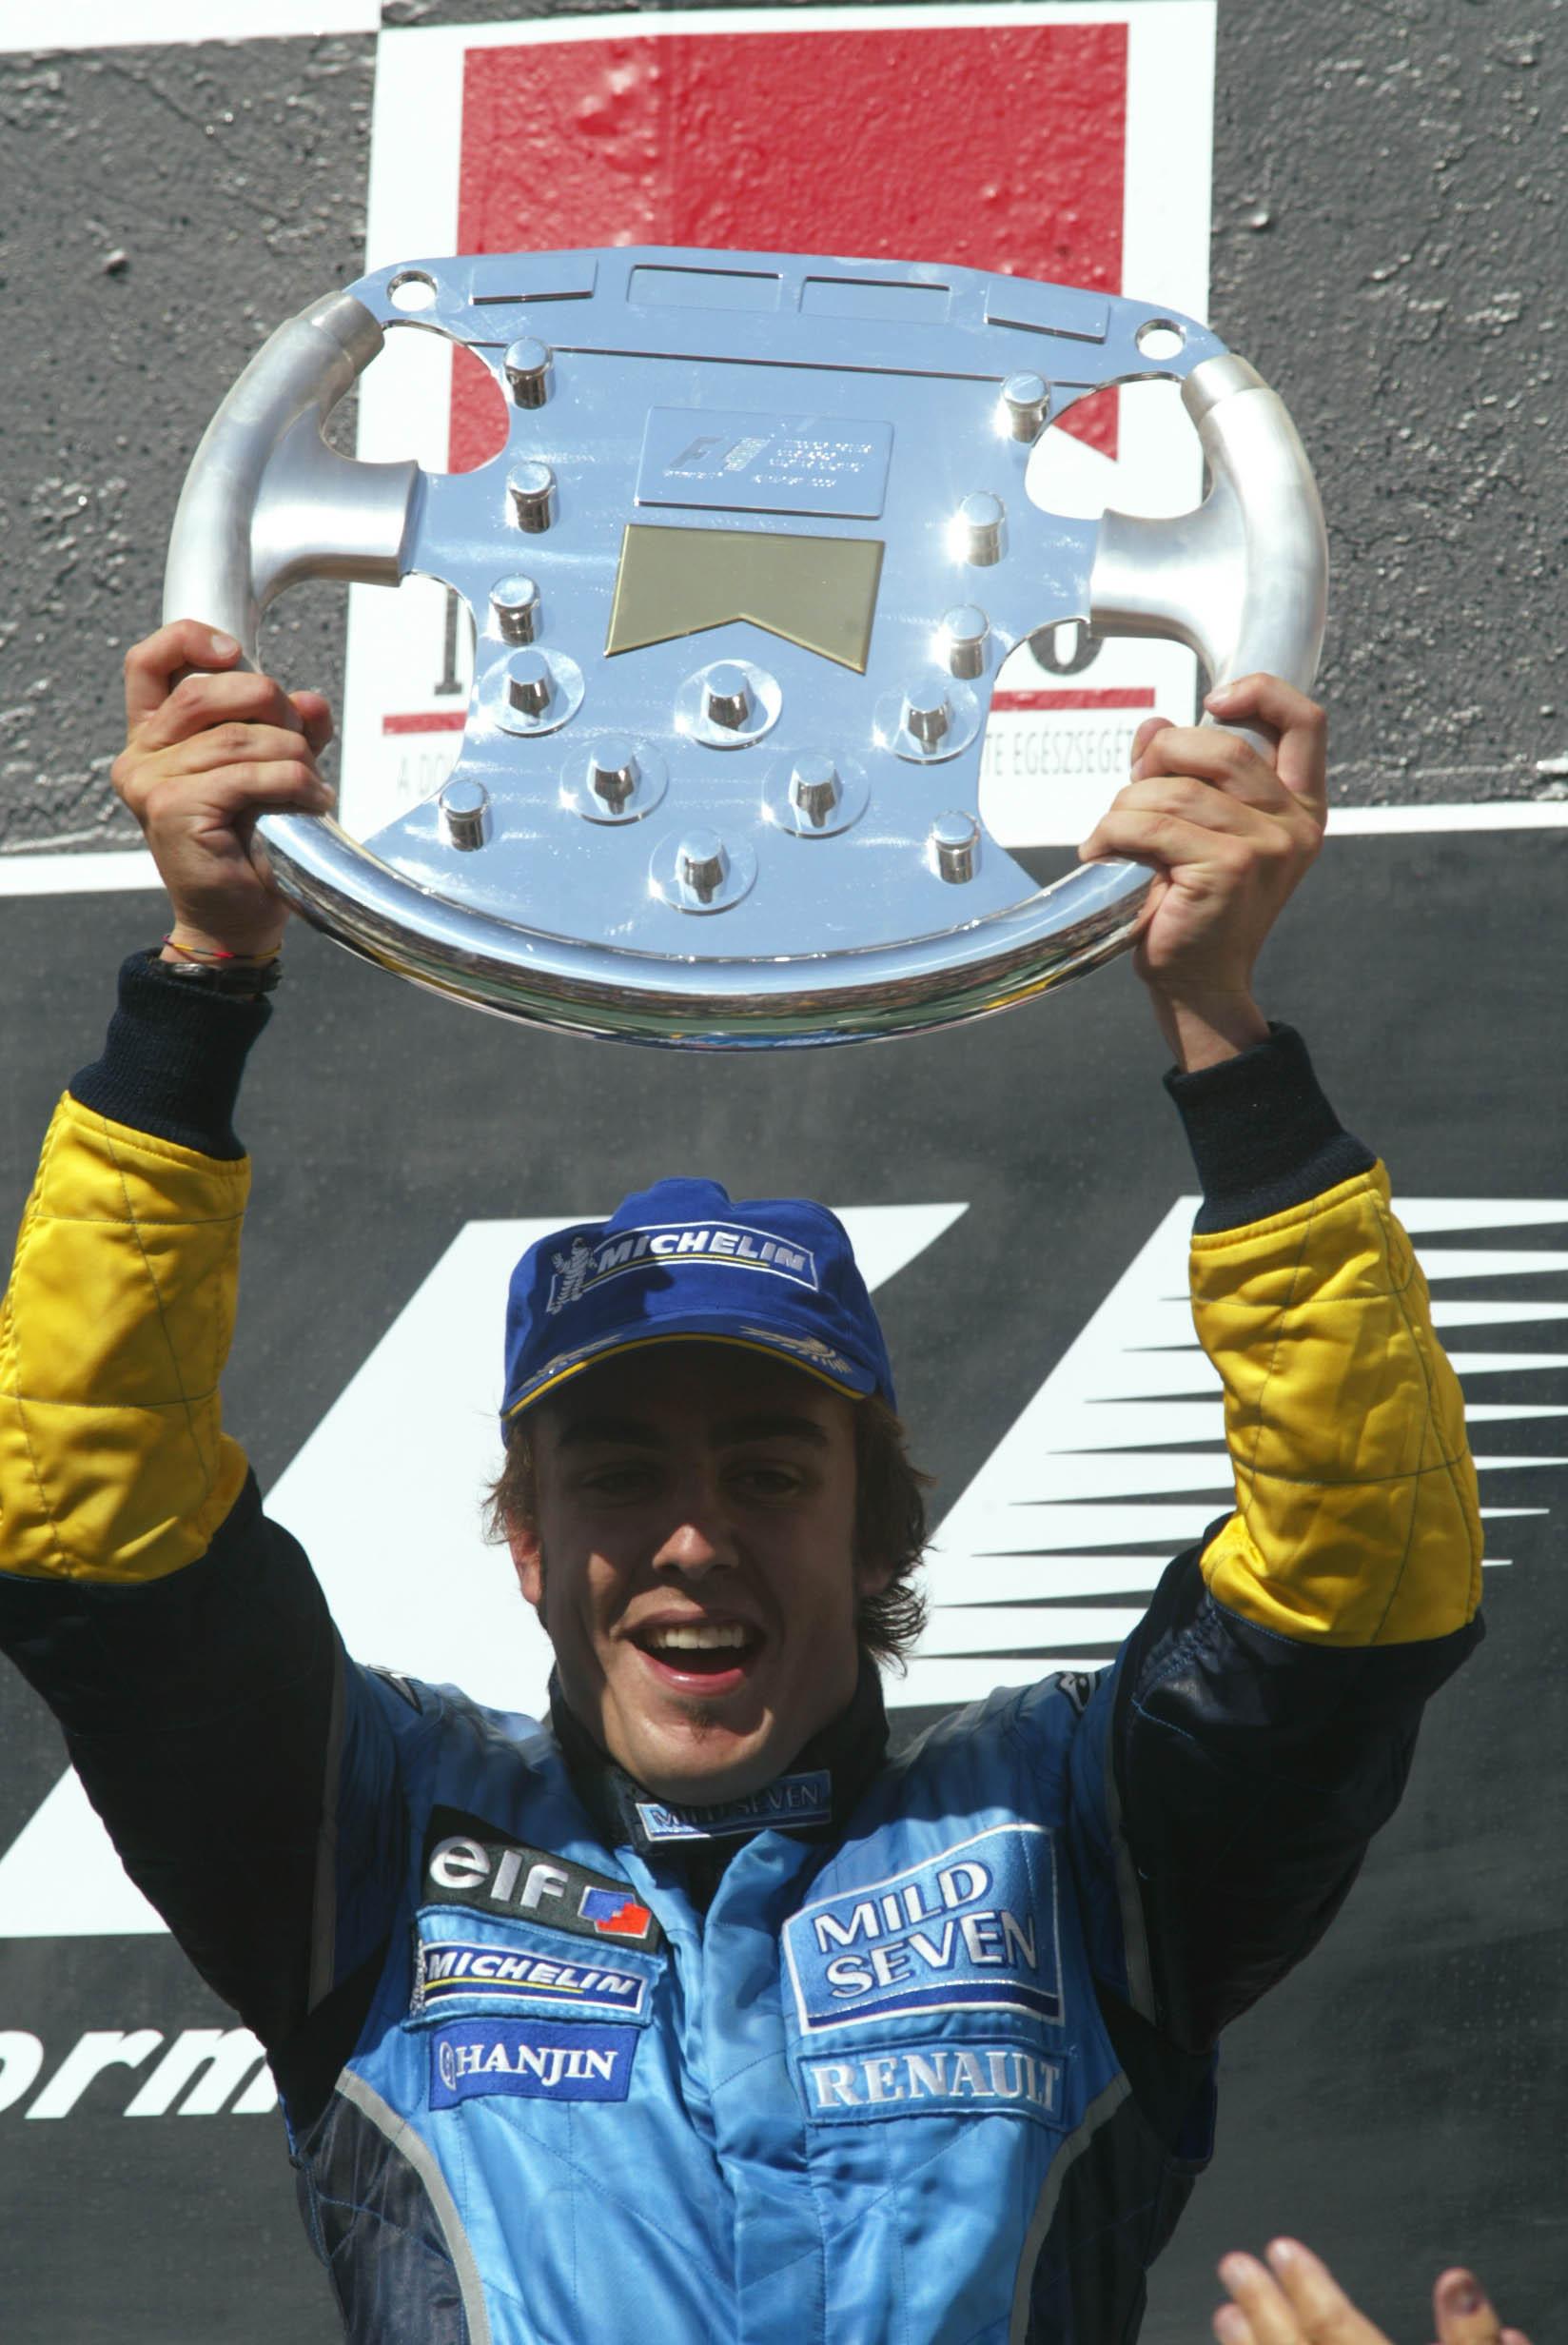 Alonso celebra su victoria en el podio de Hungaroring